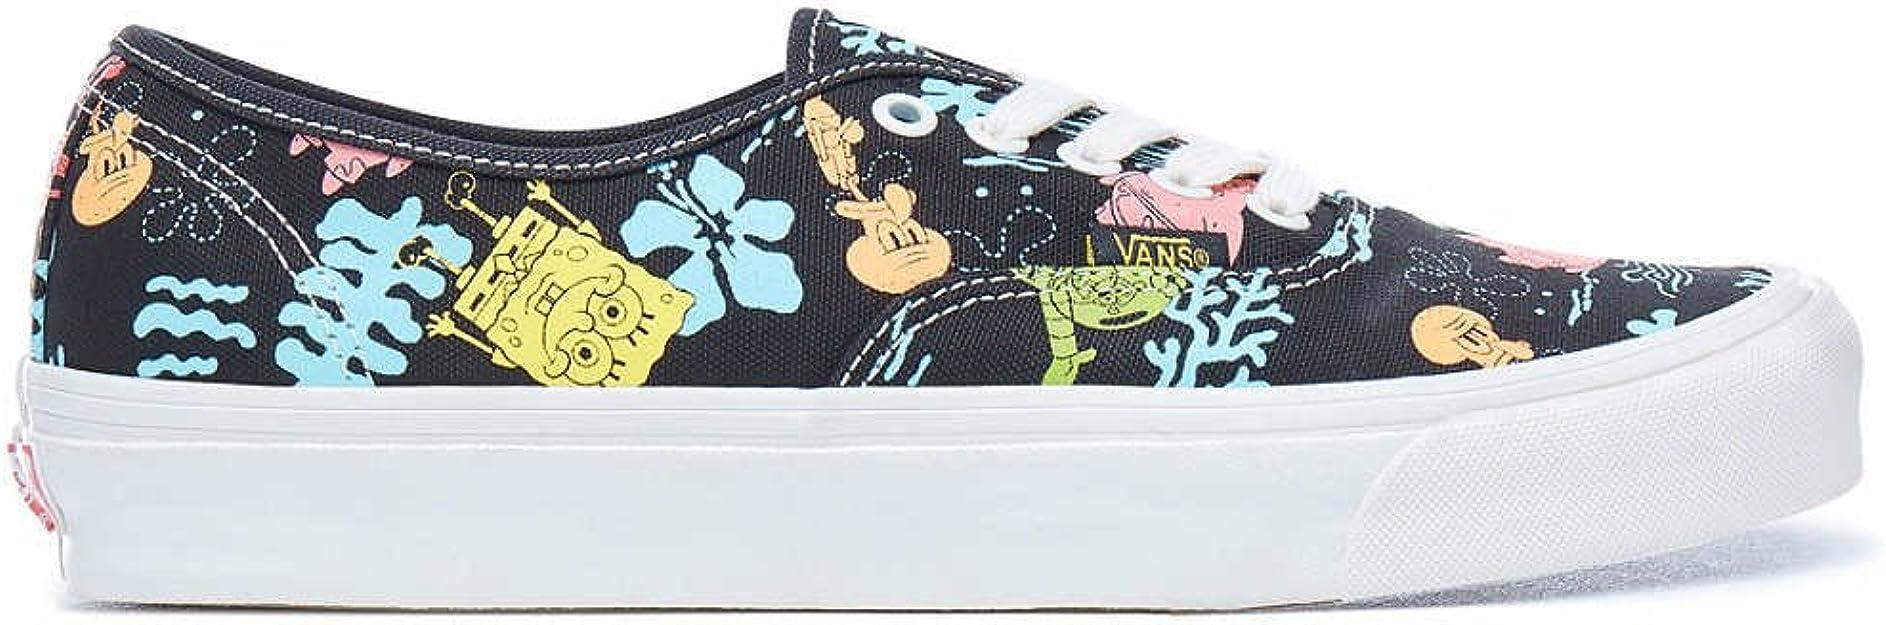 Vans Herren Sneaker Spongebob Authentic LX Sneakers: Amazon